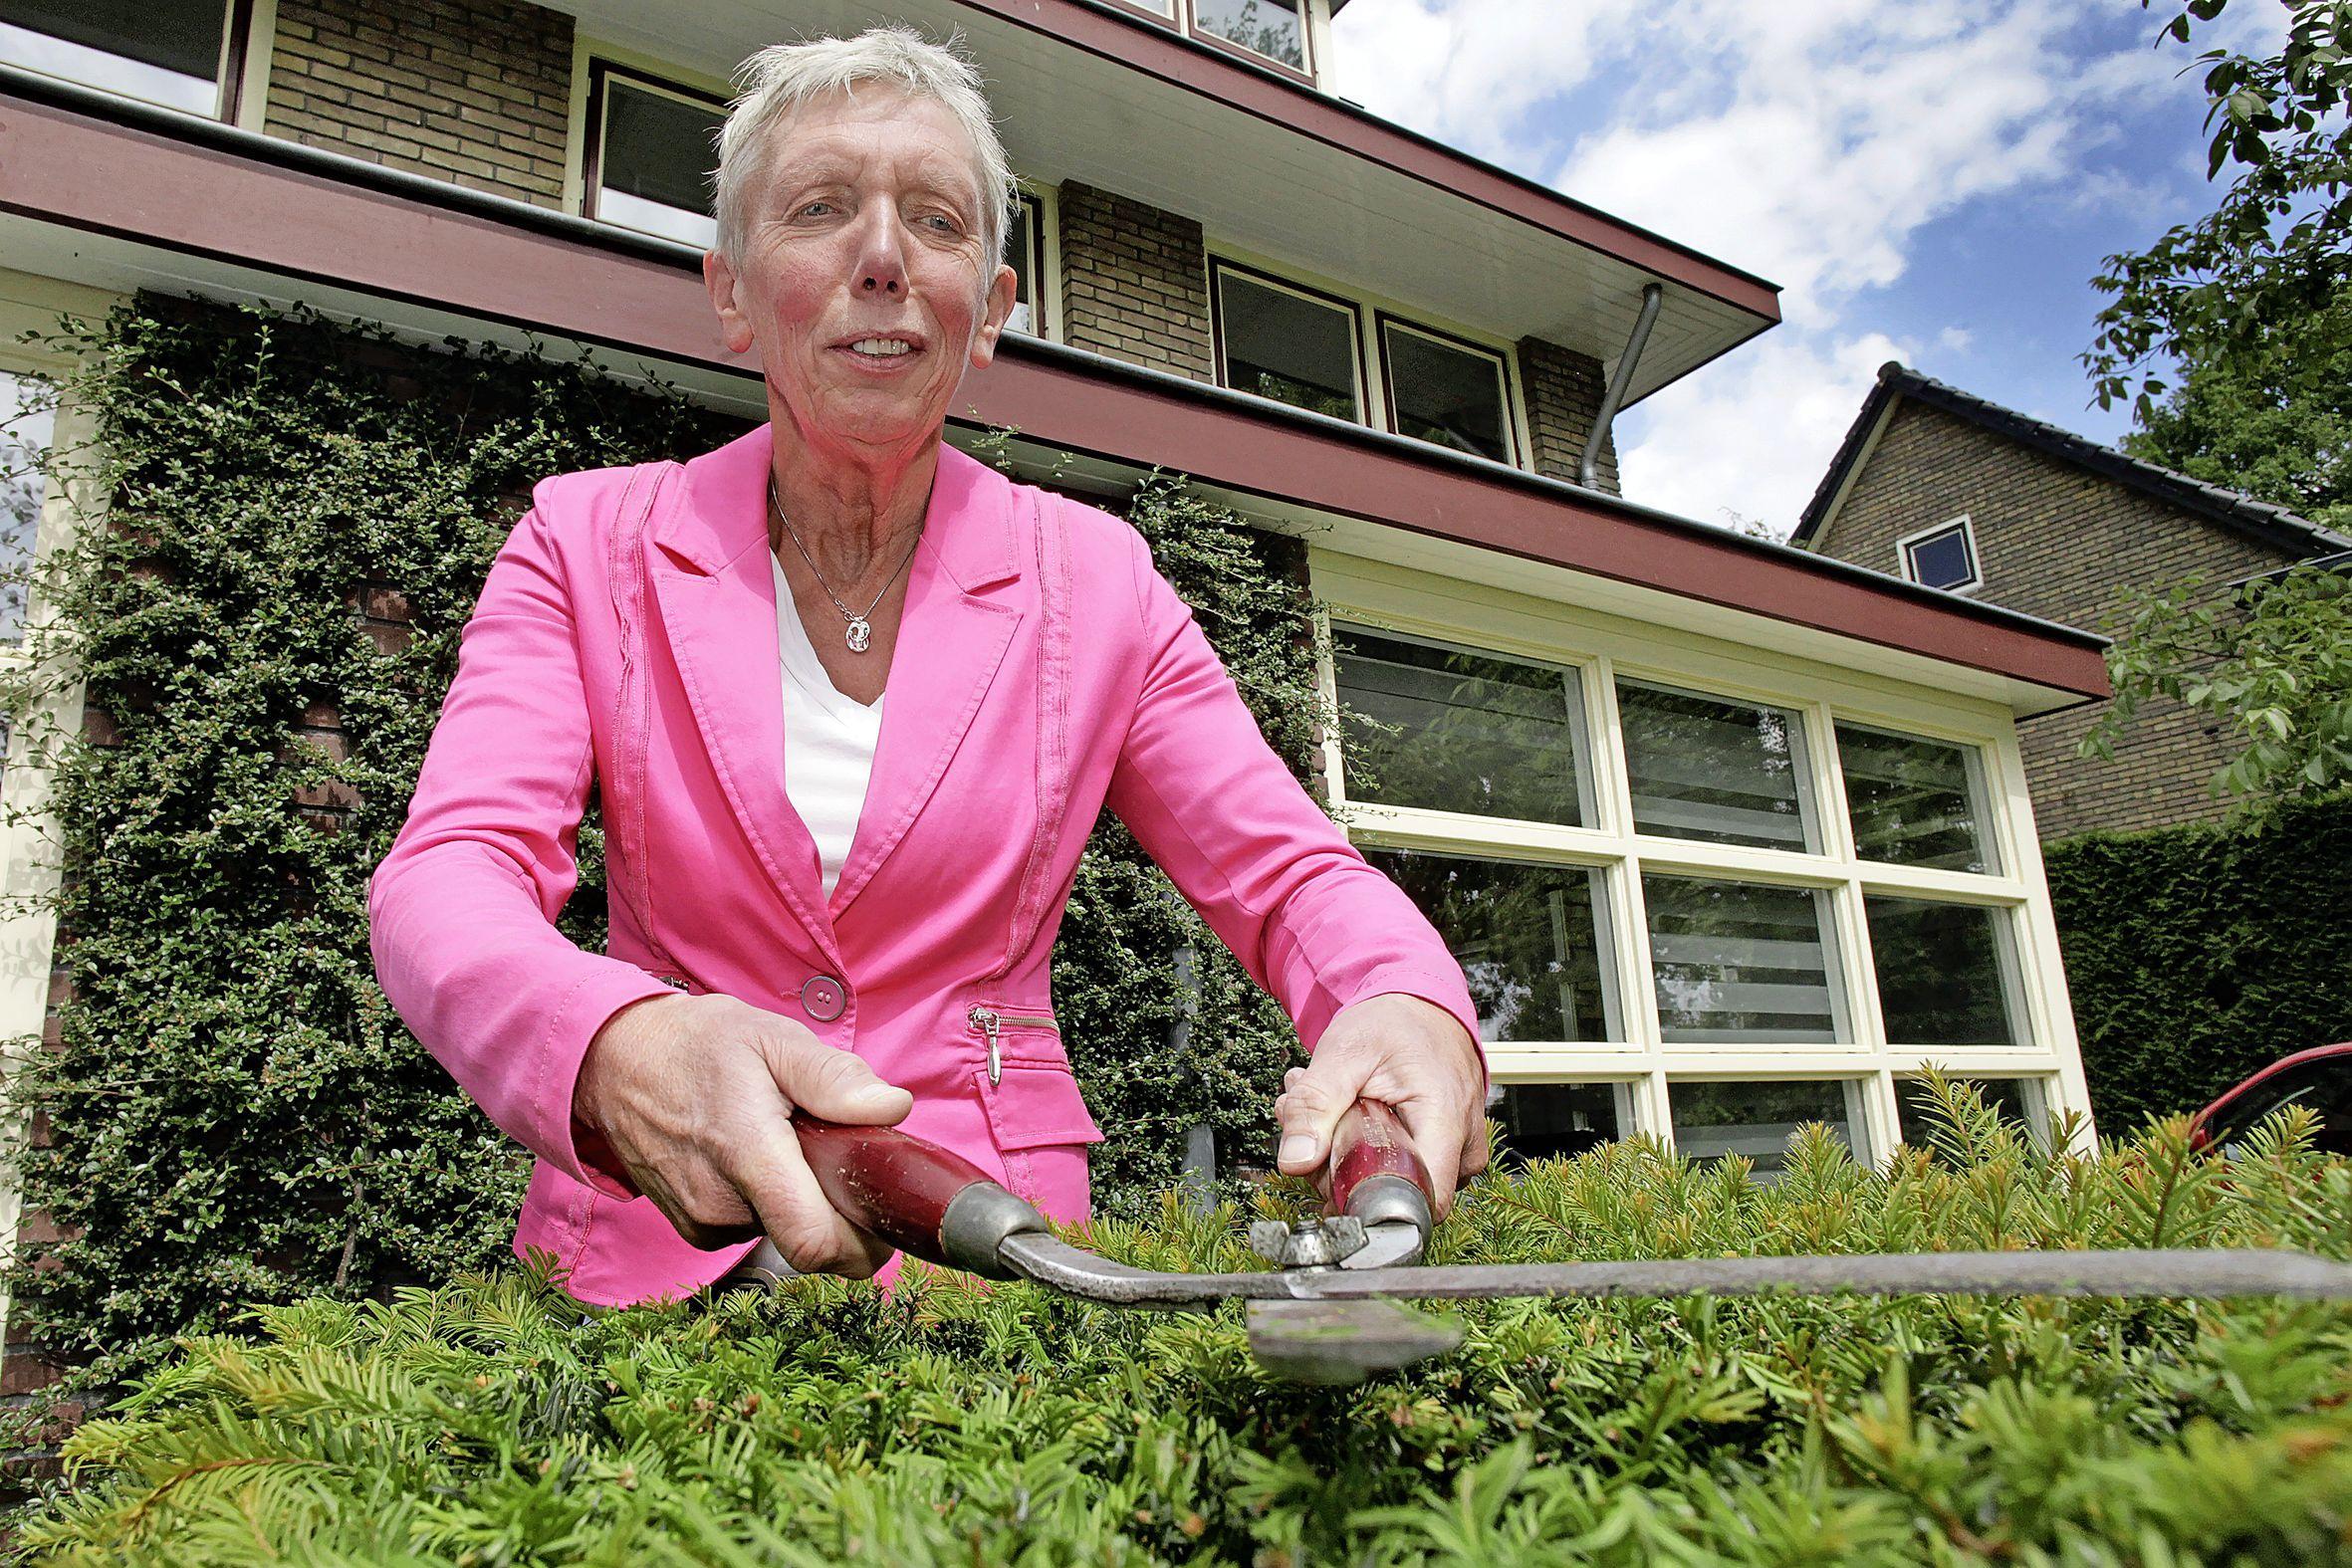 Wethouder Liesbeth Boersen stapt op na kritiek op haar functioneren. Raadsmeerderheid: 'Zij brengt Blaricum negatief in het nieuws'